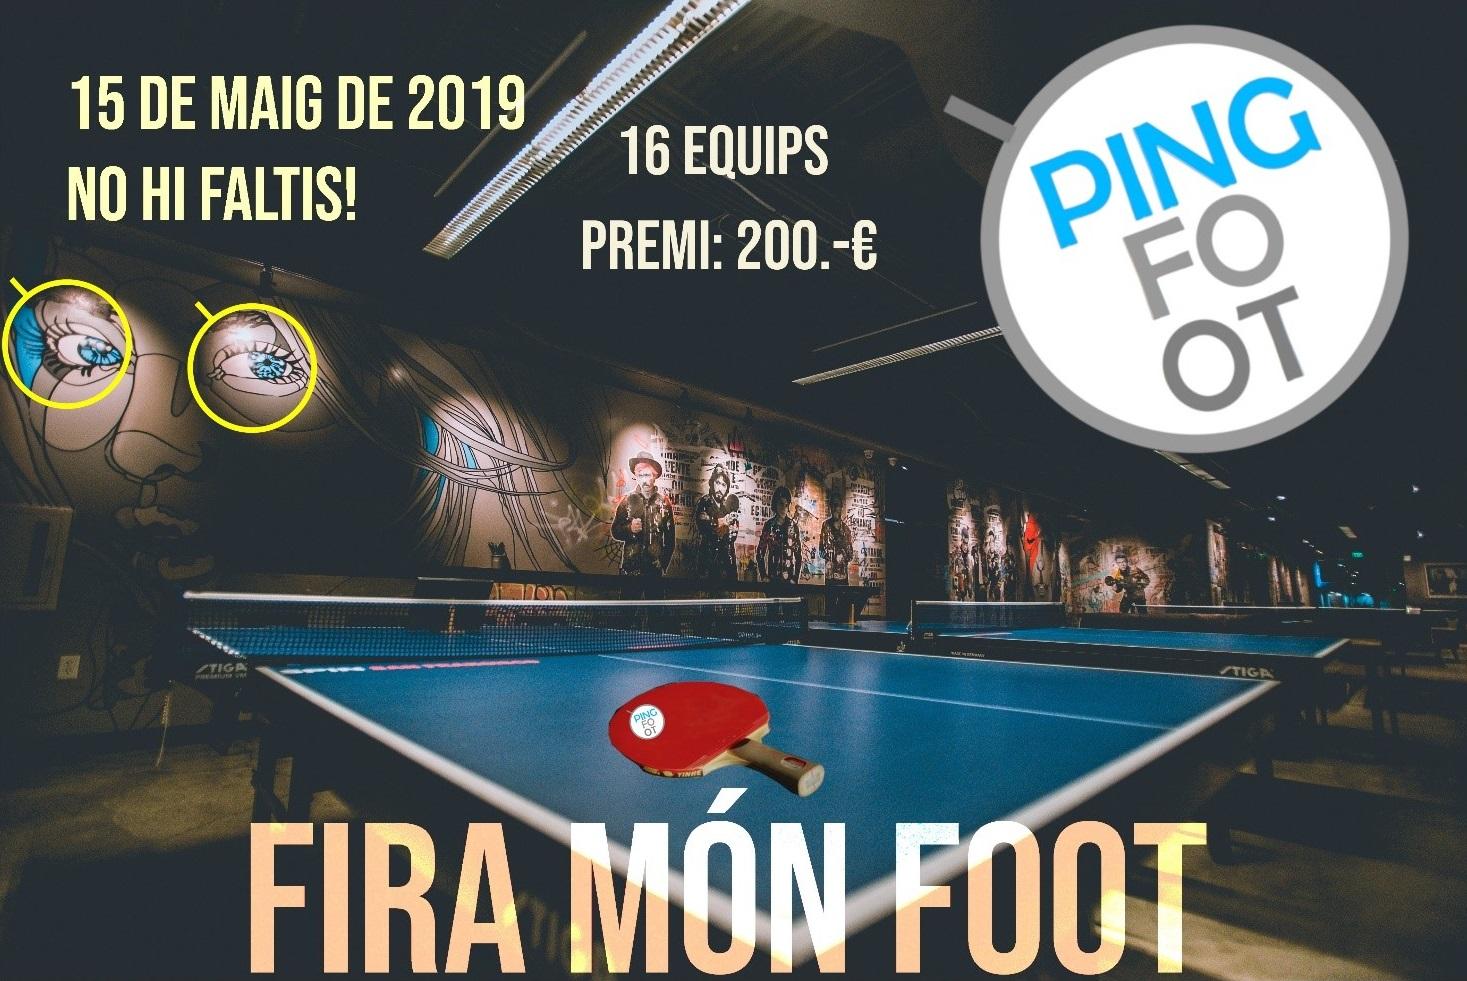 Ping Foot